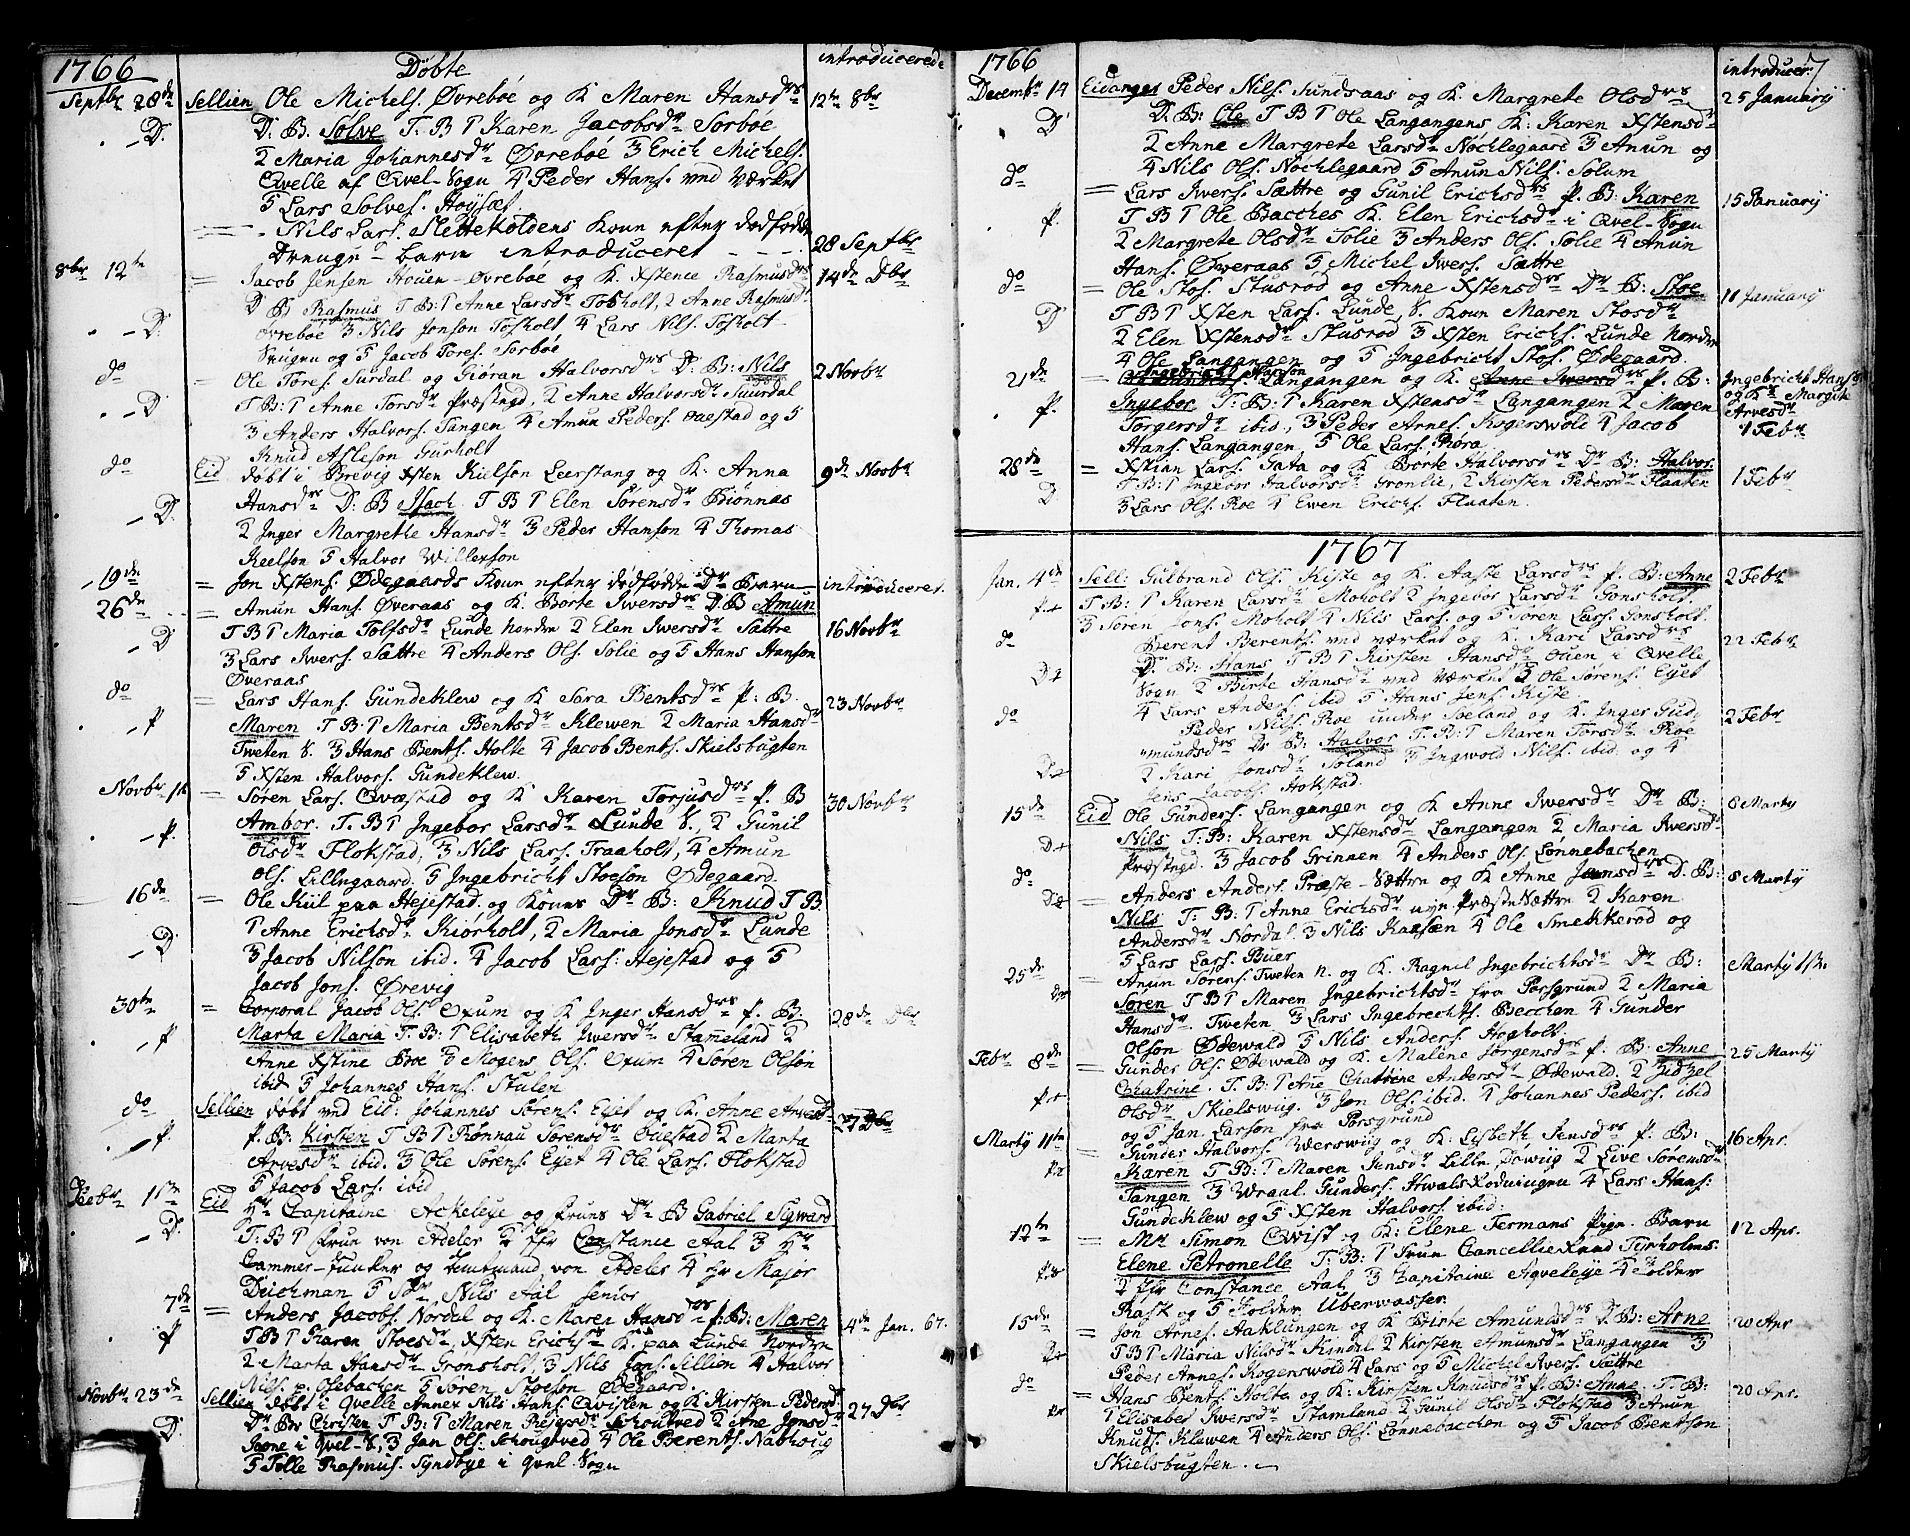 SAKO, Eidanger kirkebøker, F/Fa/L0006: Ministerialbok nr. 6, 1764-1814, s. 7